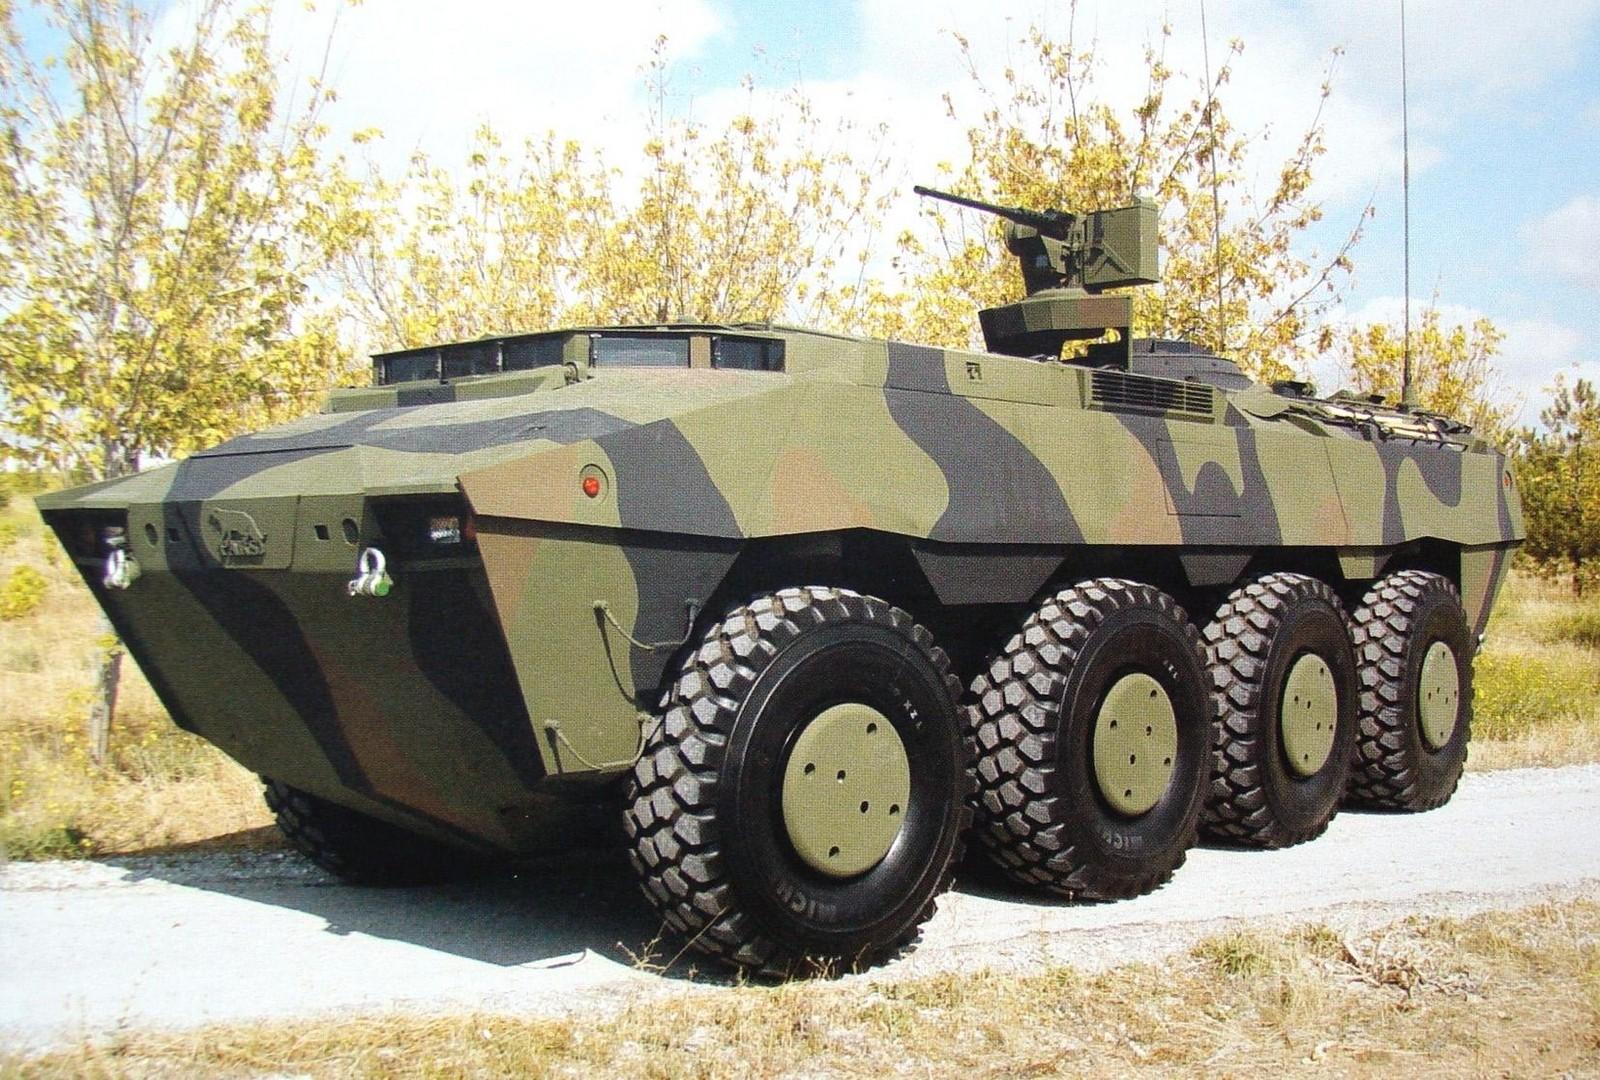 Шасси Pars 8х8 с дистанционно управляемым пулеметным модулем